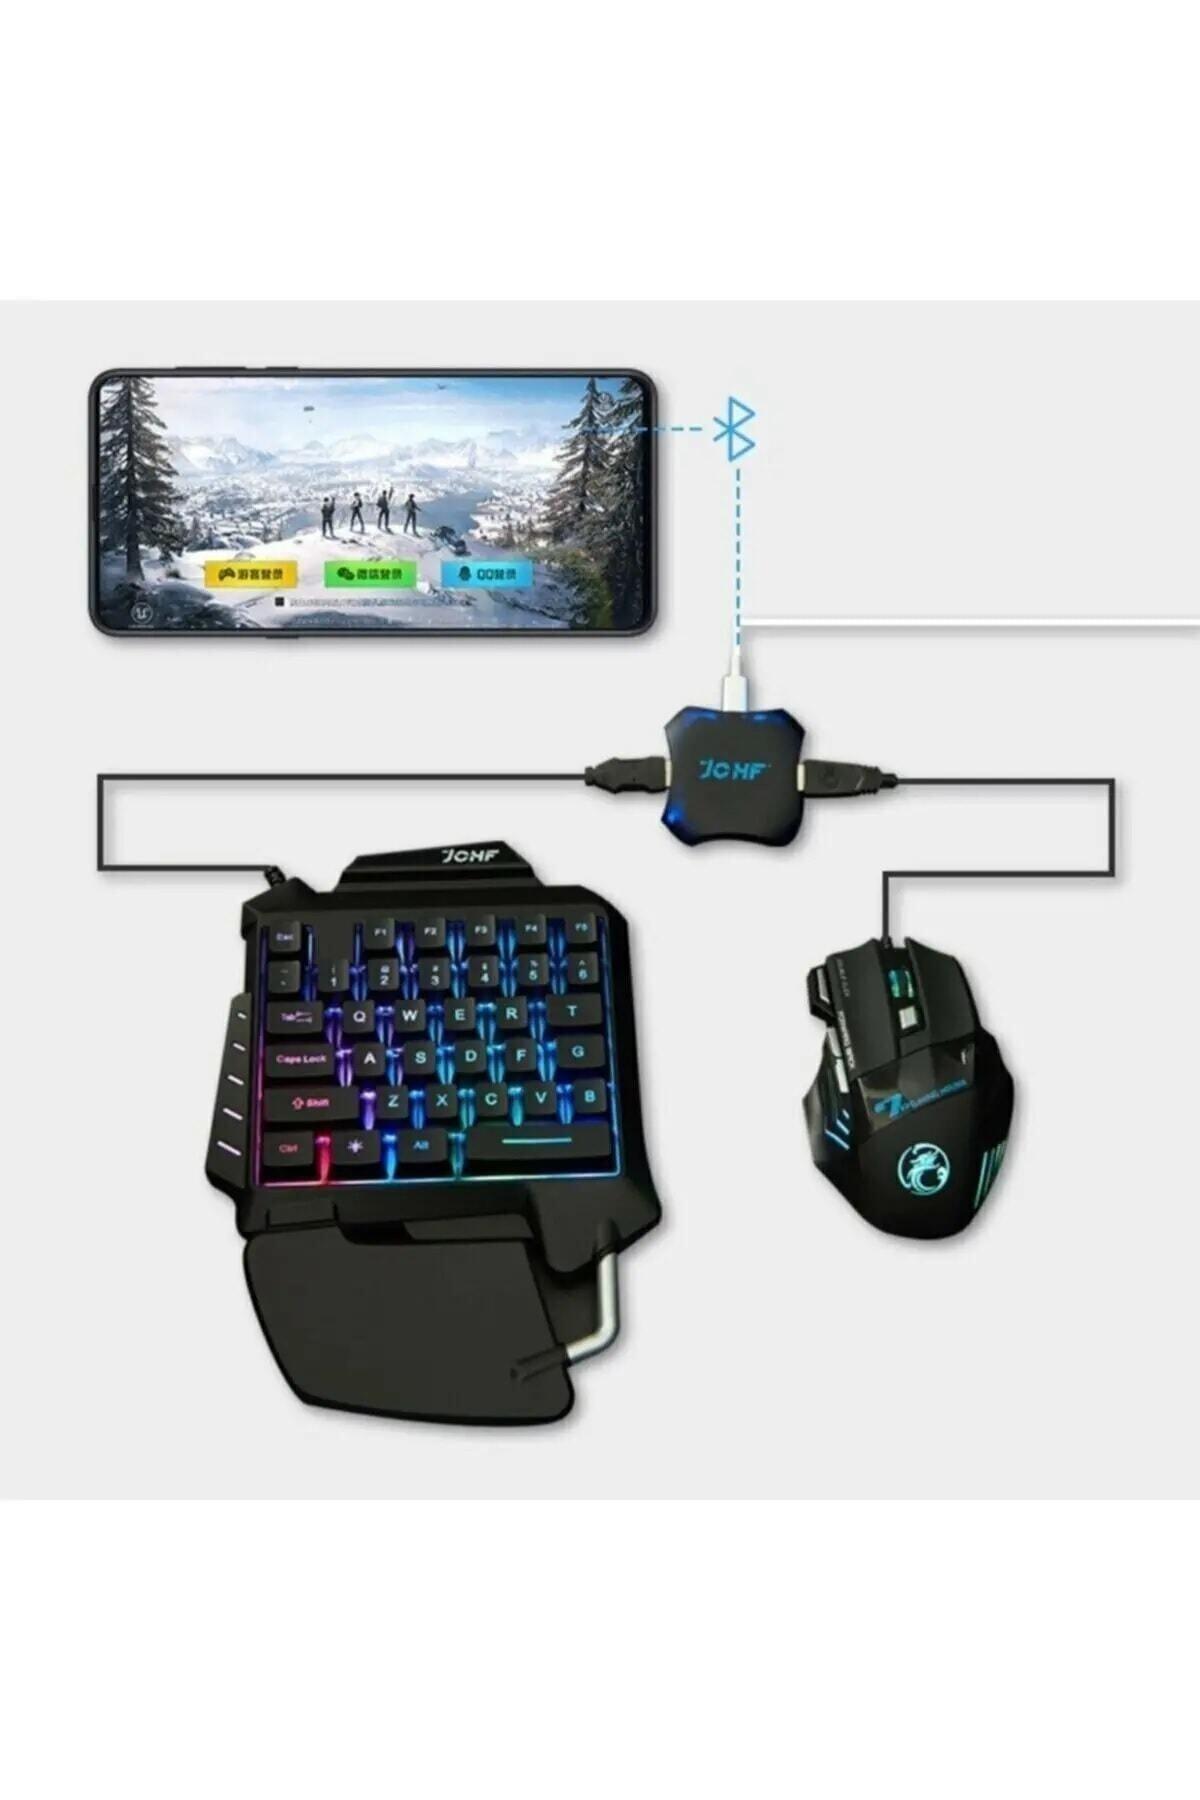 Gate Pubg Oyun Konsolu 3in1-klavye Mouse Bağlayıcı 3 Lü Set Mükemmel Kontrol Pubg Anlaşmalı 1